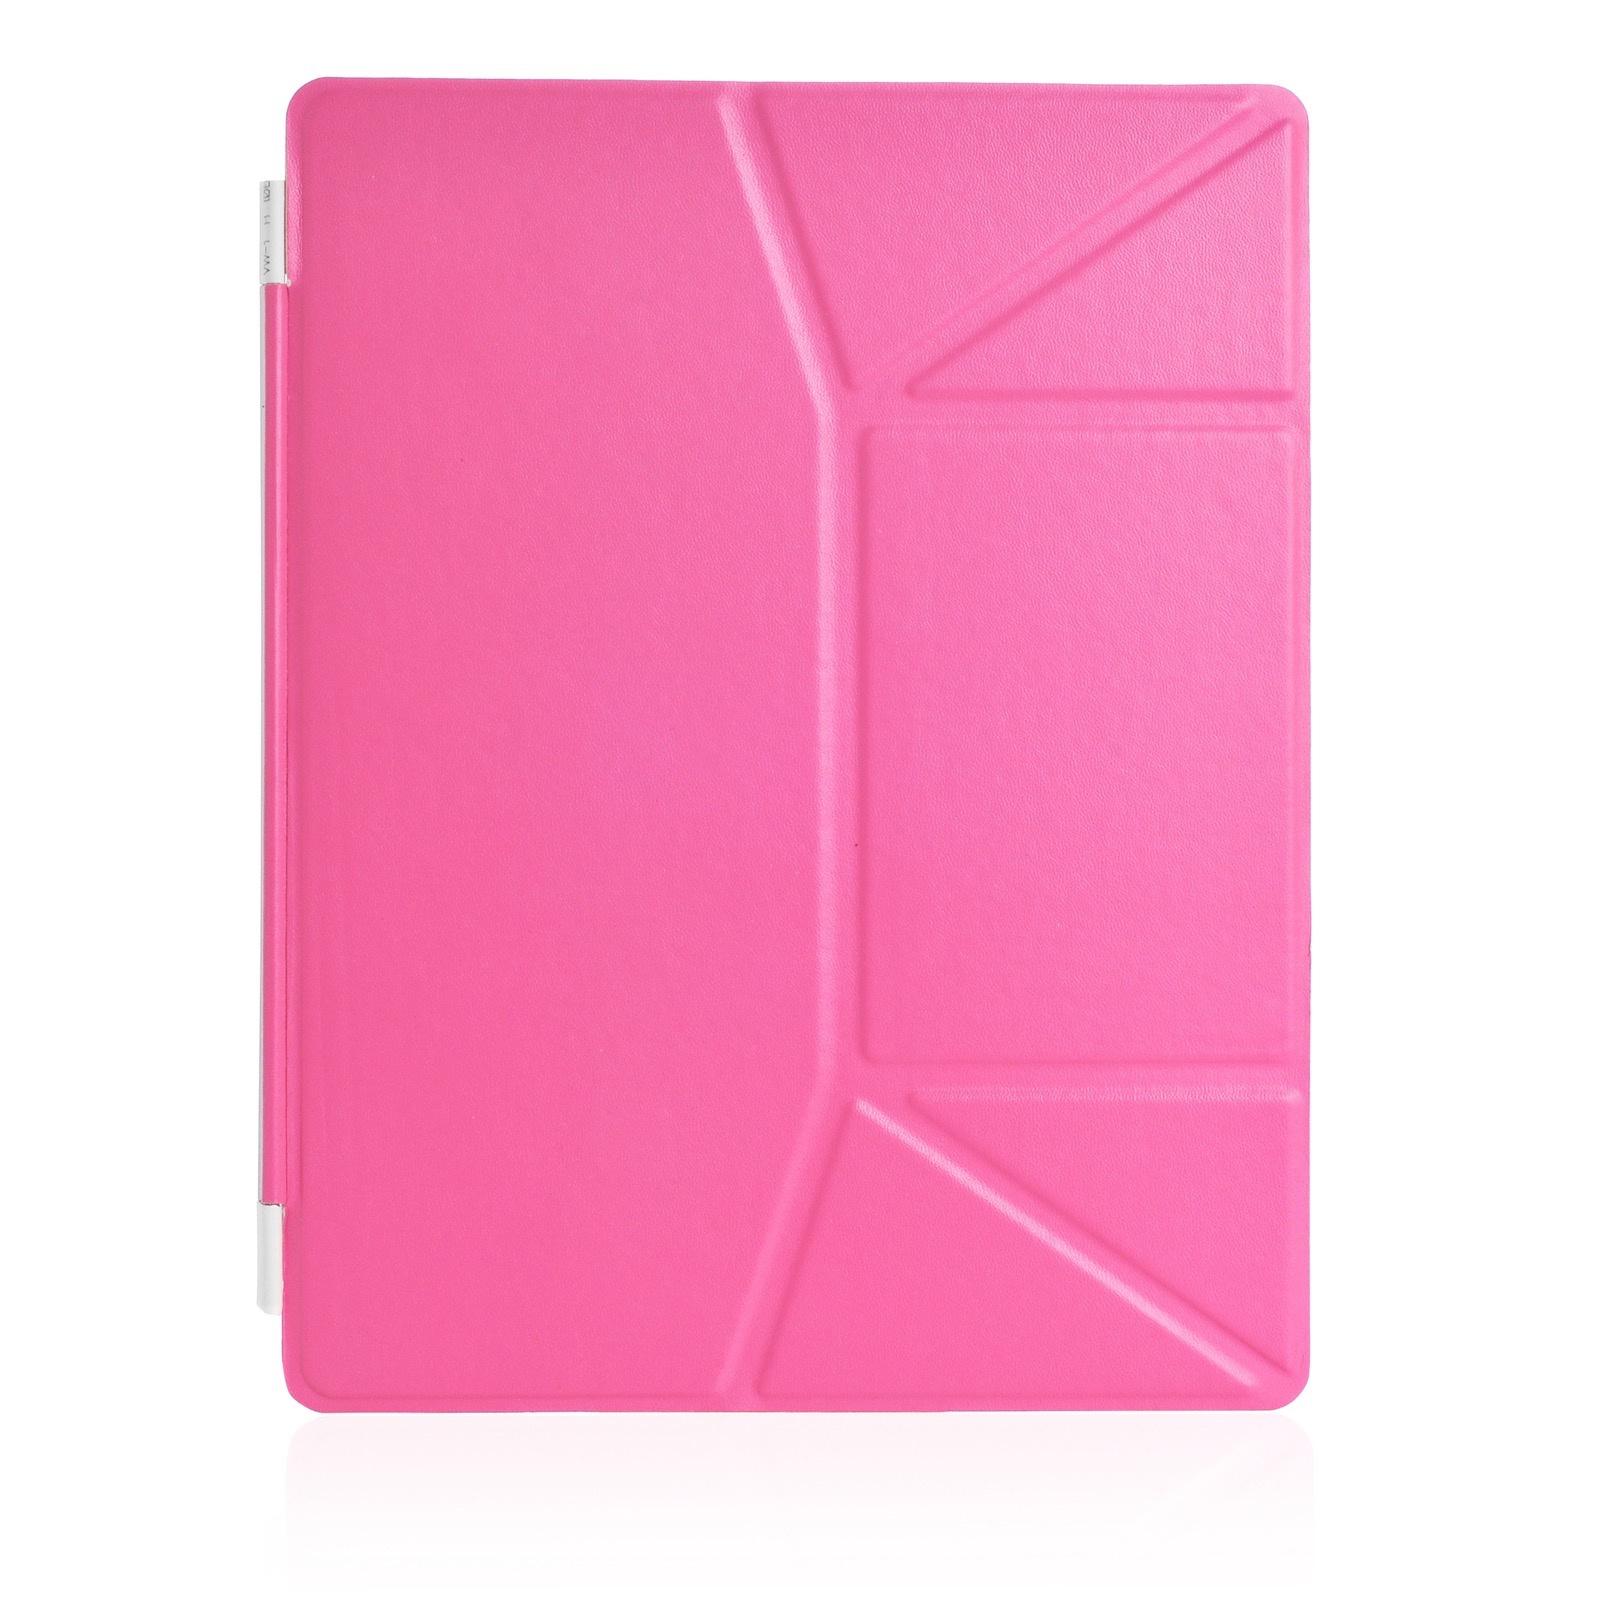 Чехол для планшета iNeez Smart эко кожа обложка 370075 для Apple iPad 2/3/4, розовый